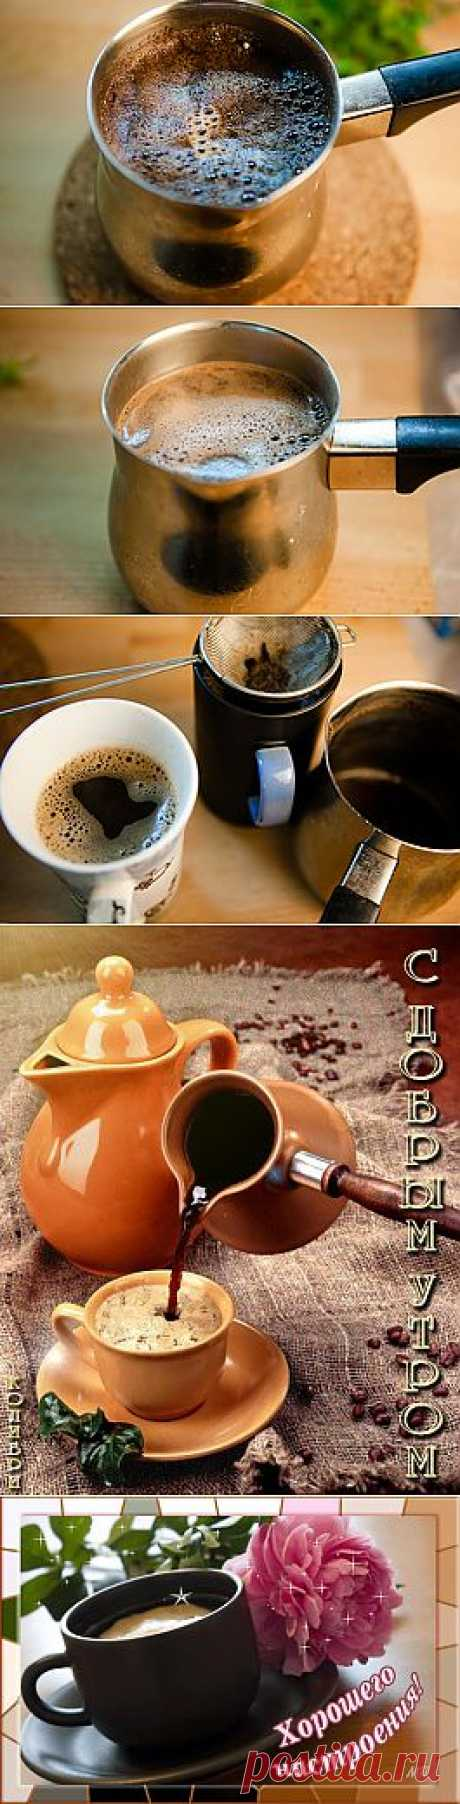 Кофе по-восточному - Бодрит и восхищает своим ярким вкусом!.